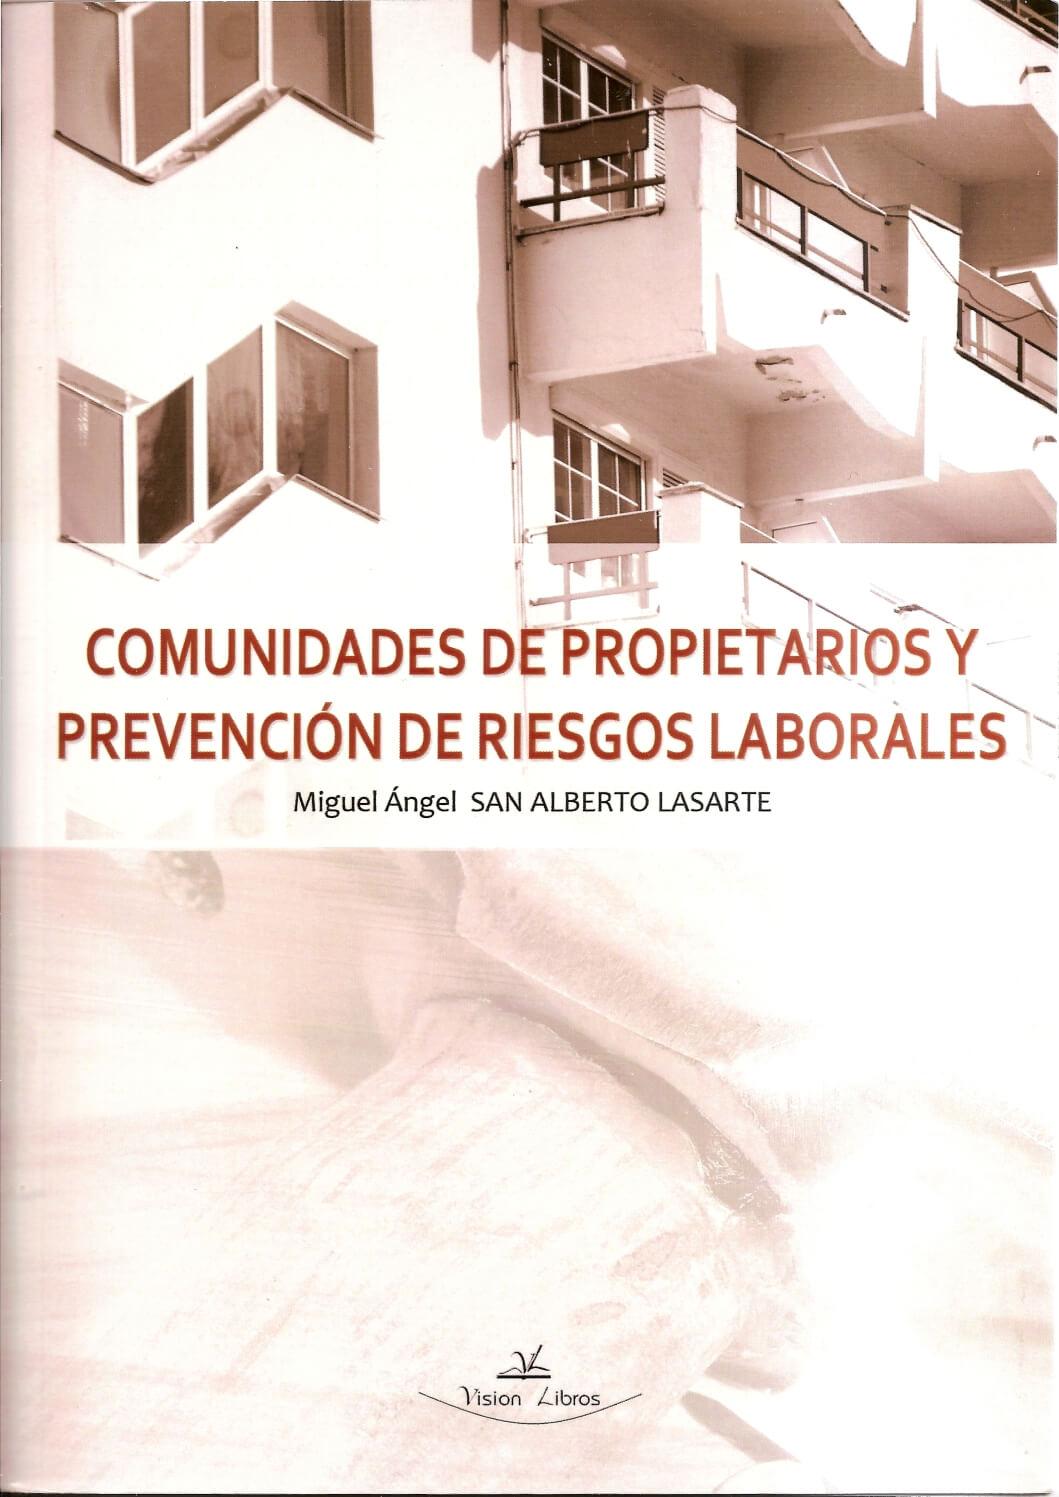 PREVENCION DE RIESGOS en COMUNIDADES DE PROPIETARIOS